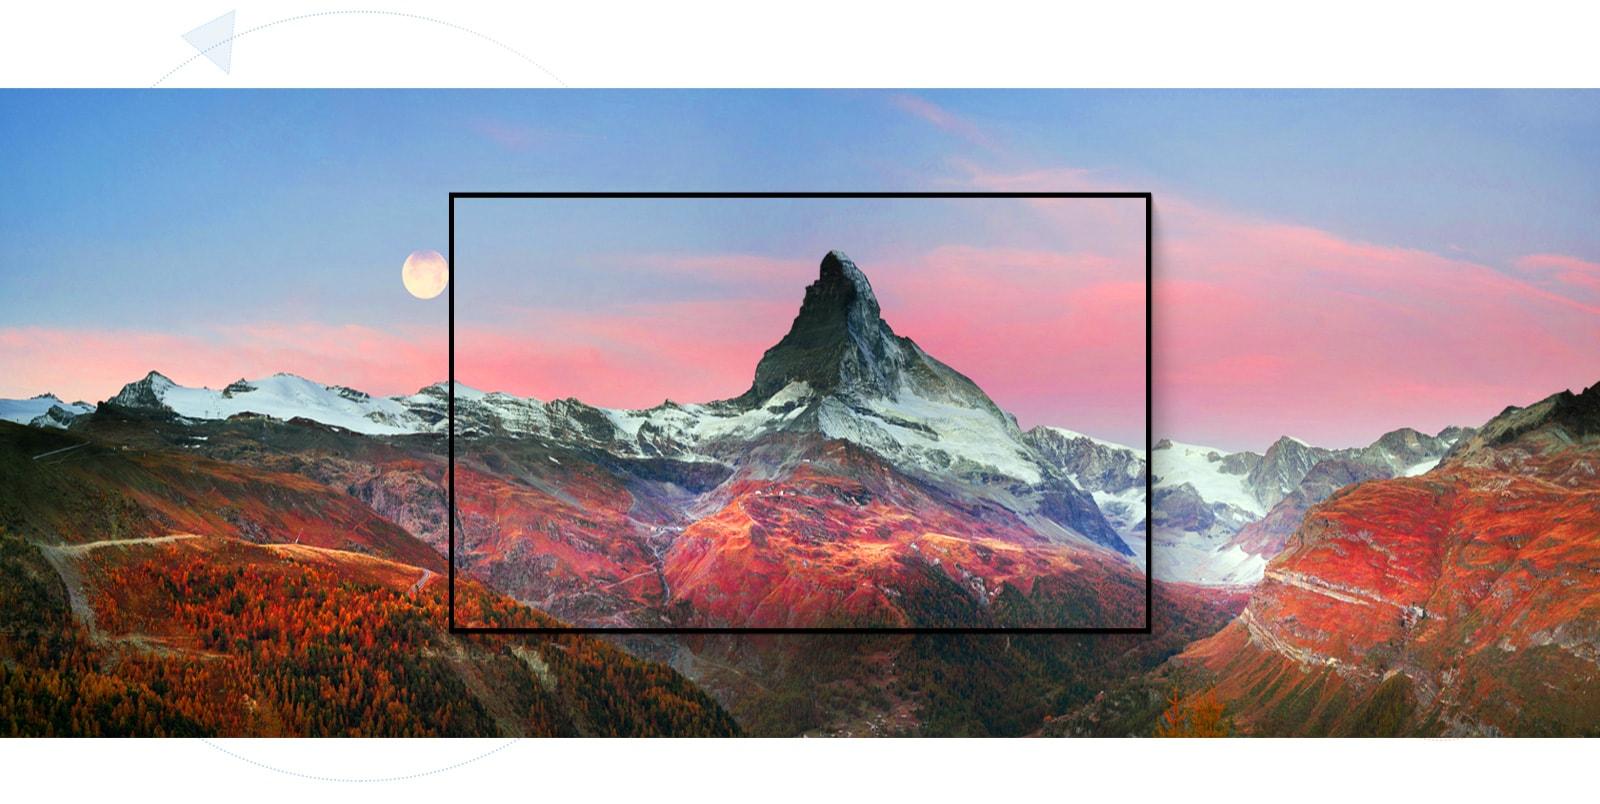 Okvir okoli osupljive gorske kulise (predvajanje videoposnetka)